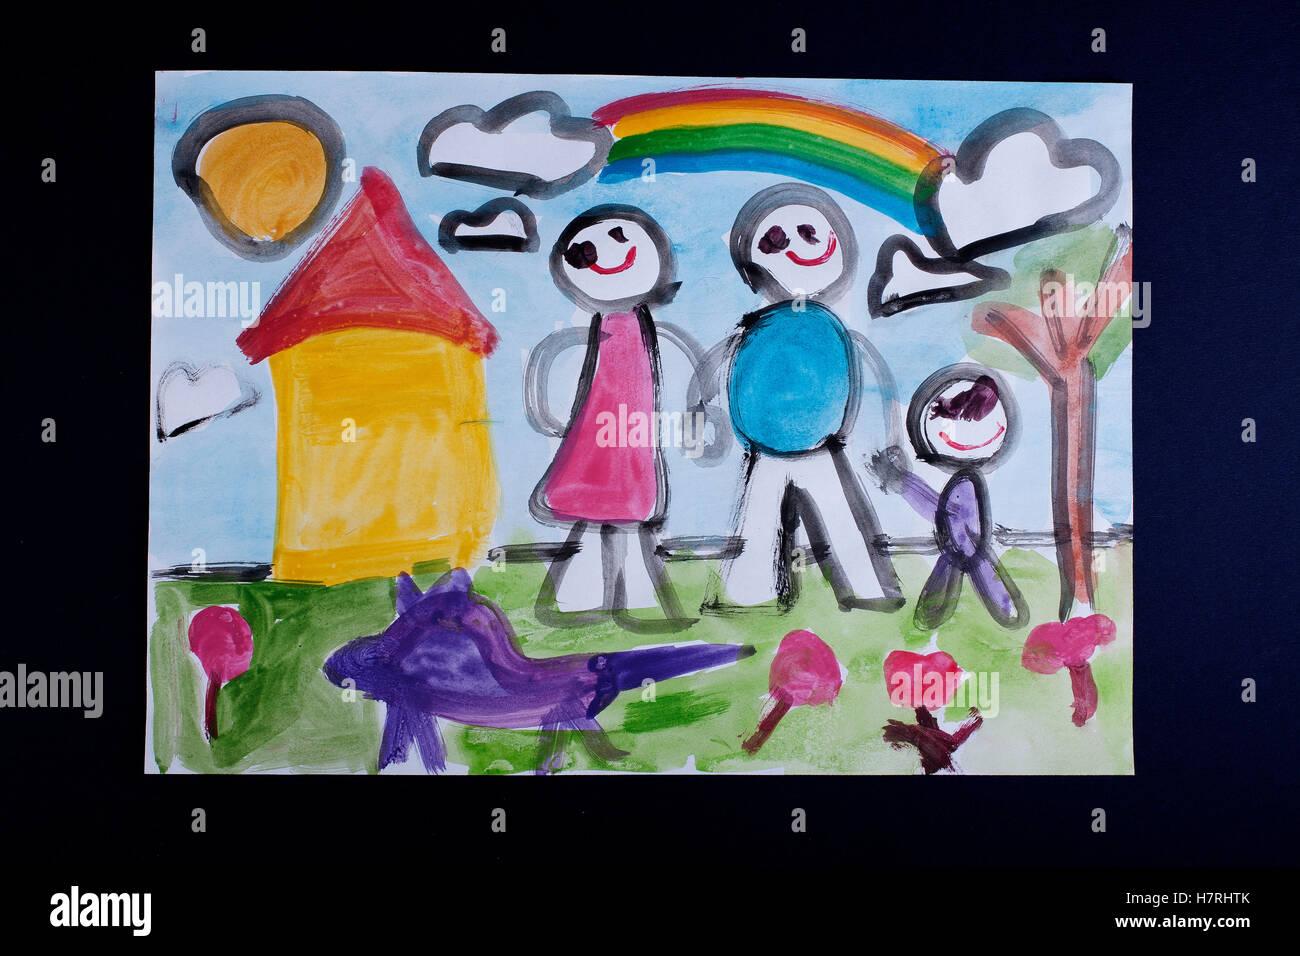 Enfants Peinture Dessin Et Collage Papier Coloré Avec De